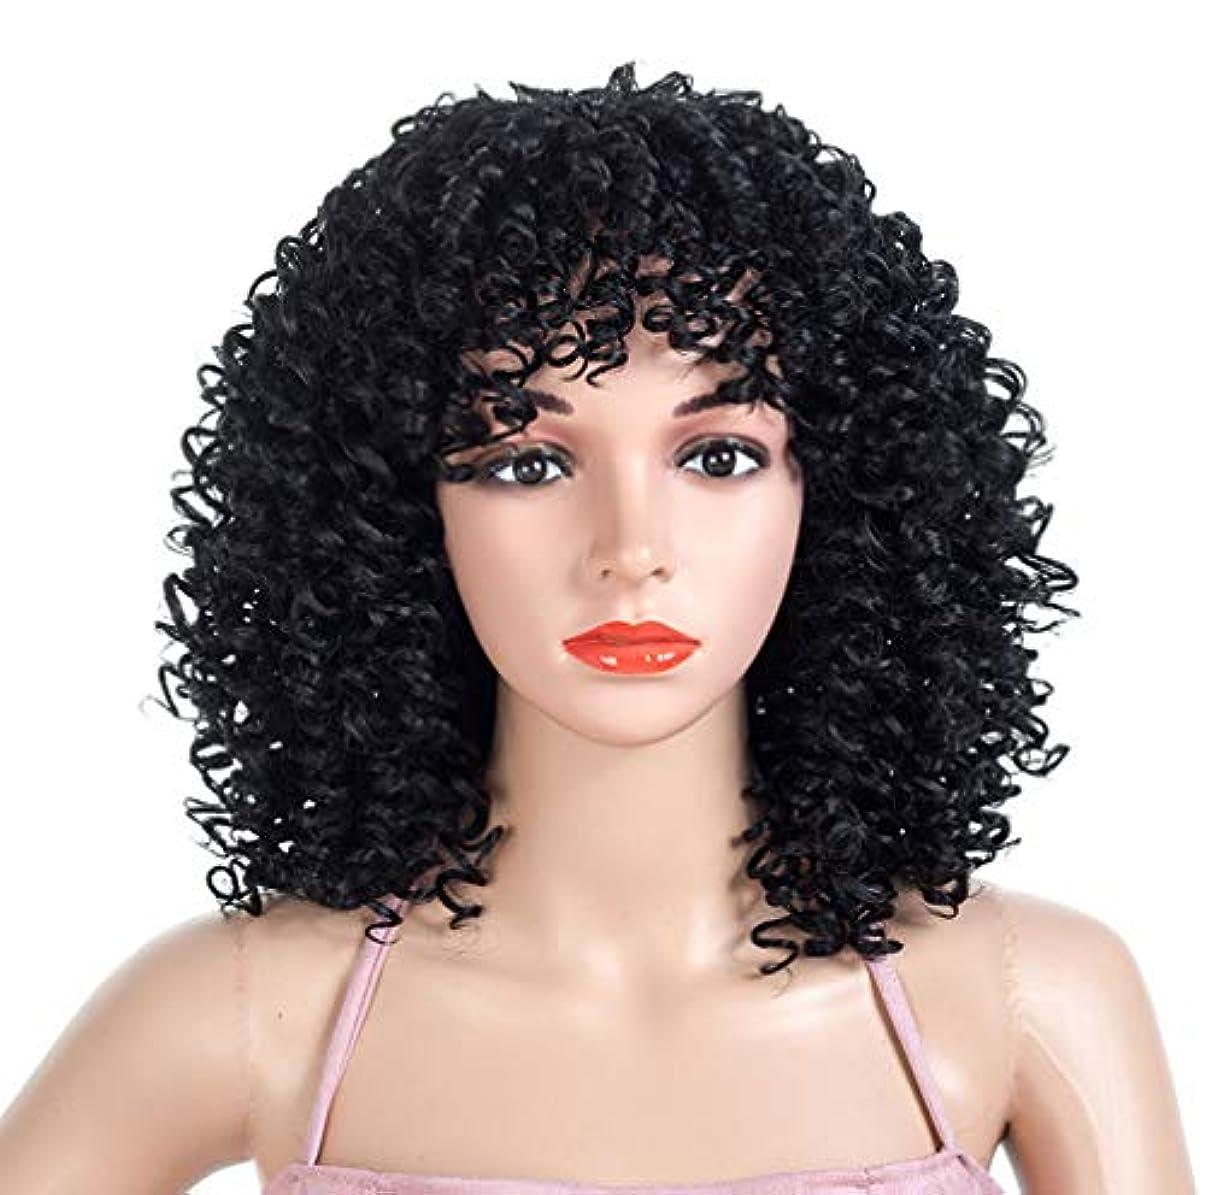 先生ディスカウント生き物女性150%密度ブラジル巻き毛ウィッグショートボブウィッグブラックブラック